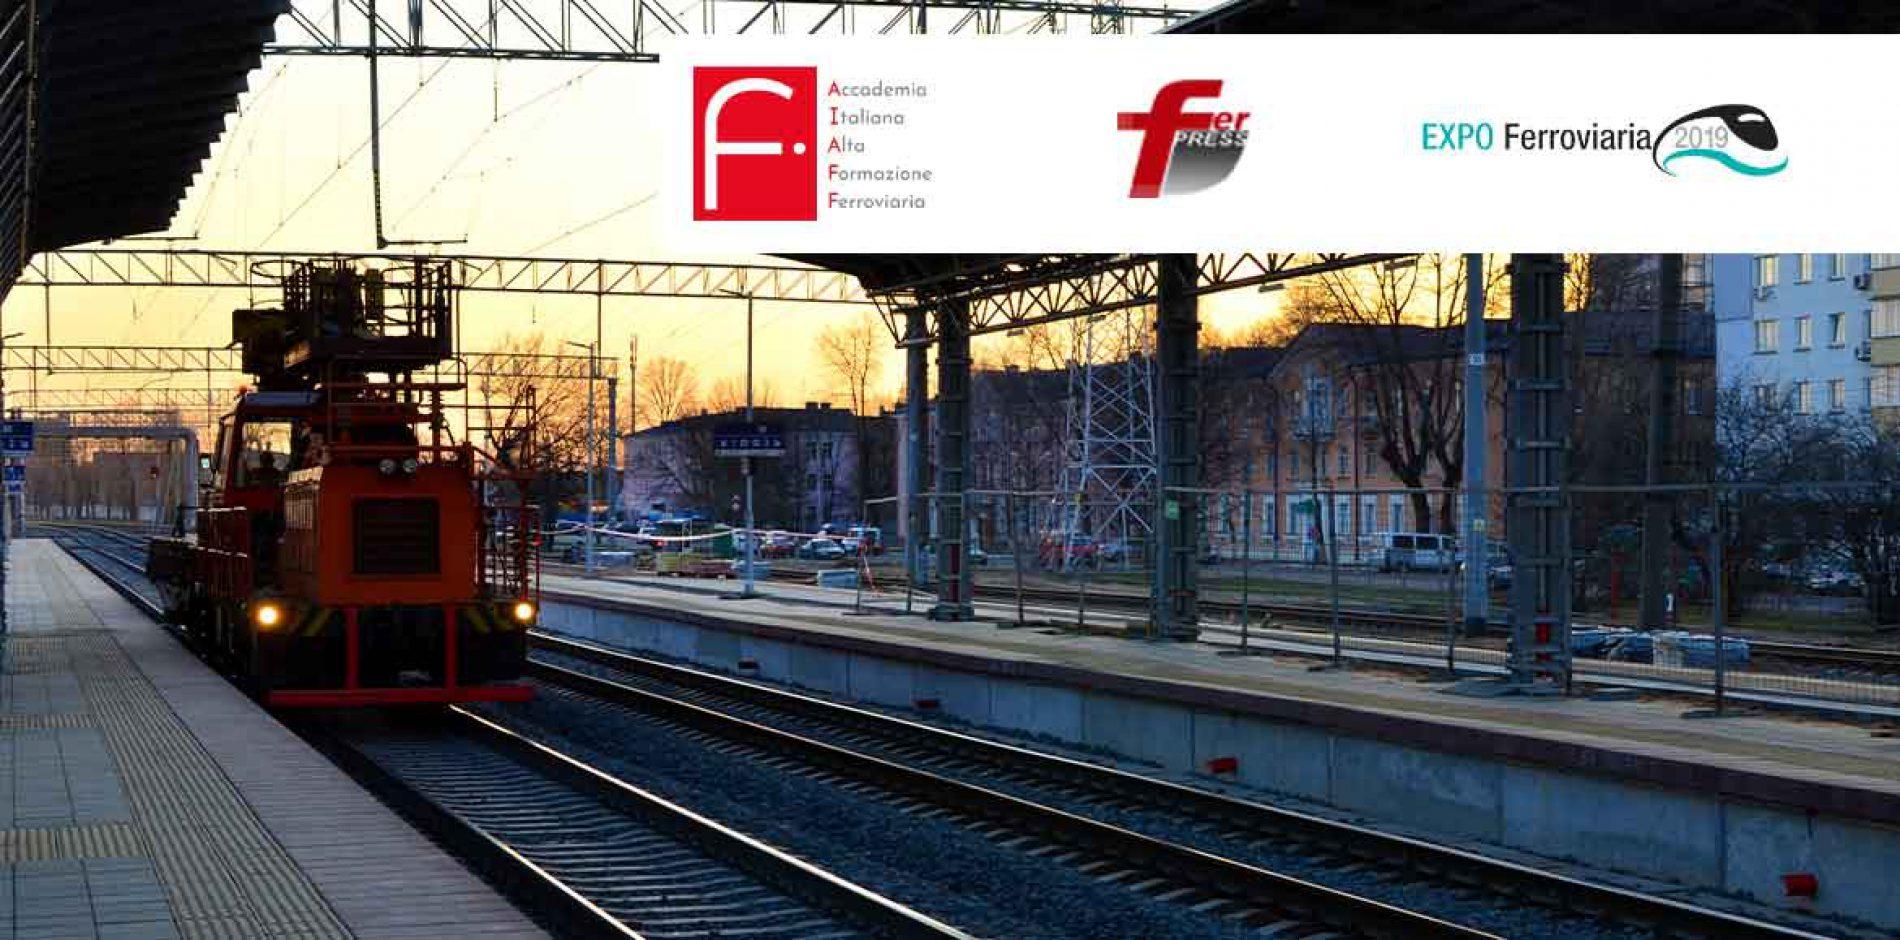 Expo ferroviaria – AIAFF presente al convegno sull'efficienza dei trasporti